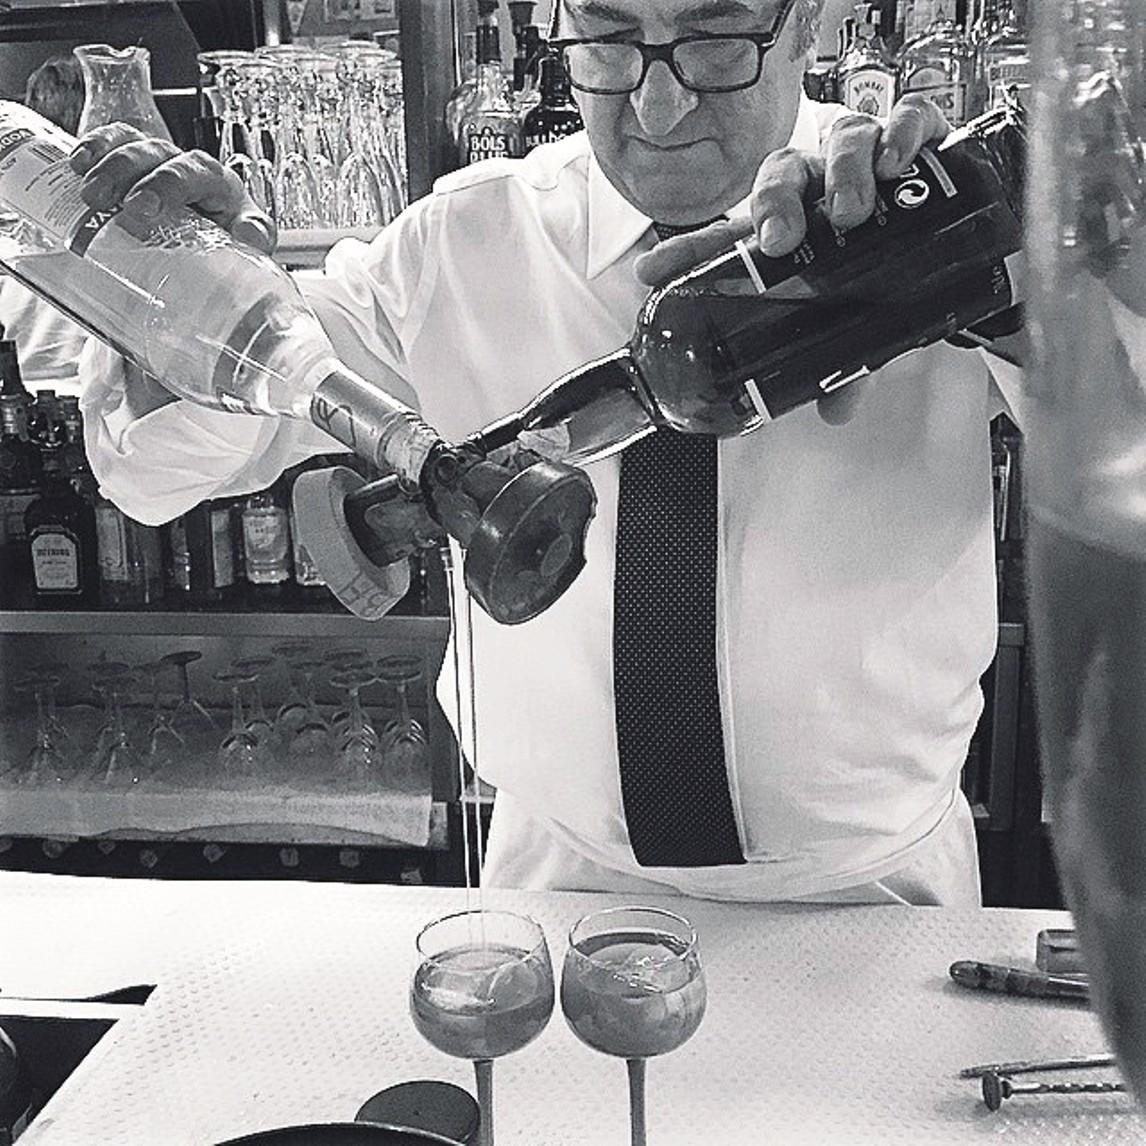 bar basso milan salone 2015 (4)